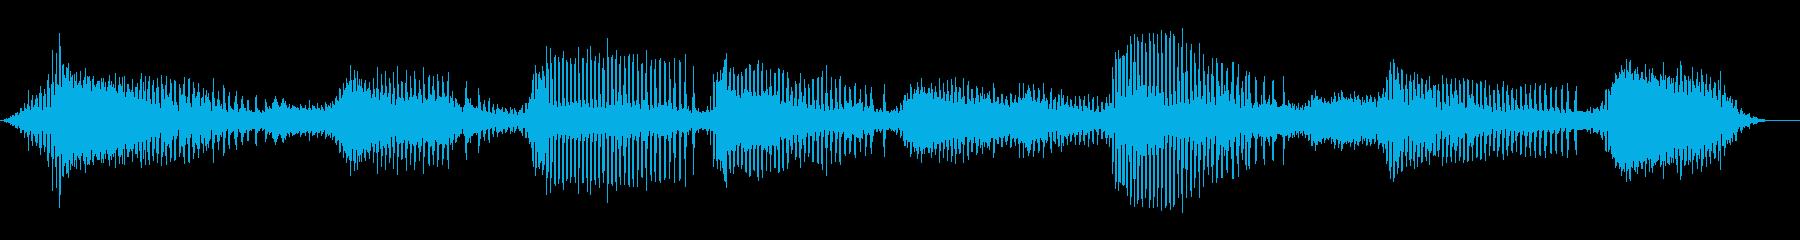 ひぐらしの鳴き声/カナカナカナ/蝉/夏の再生済みの波形